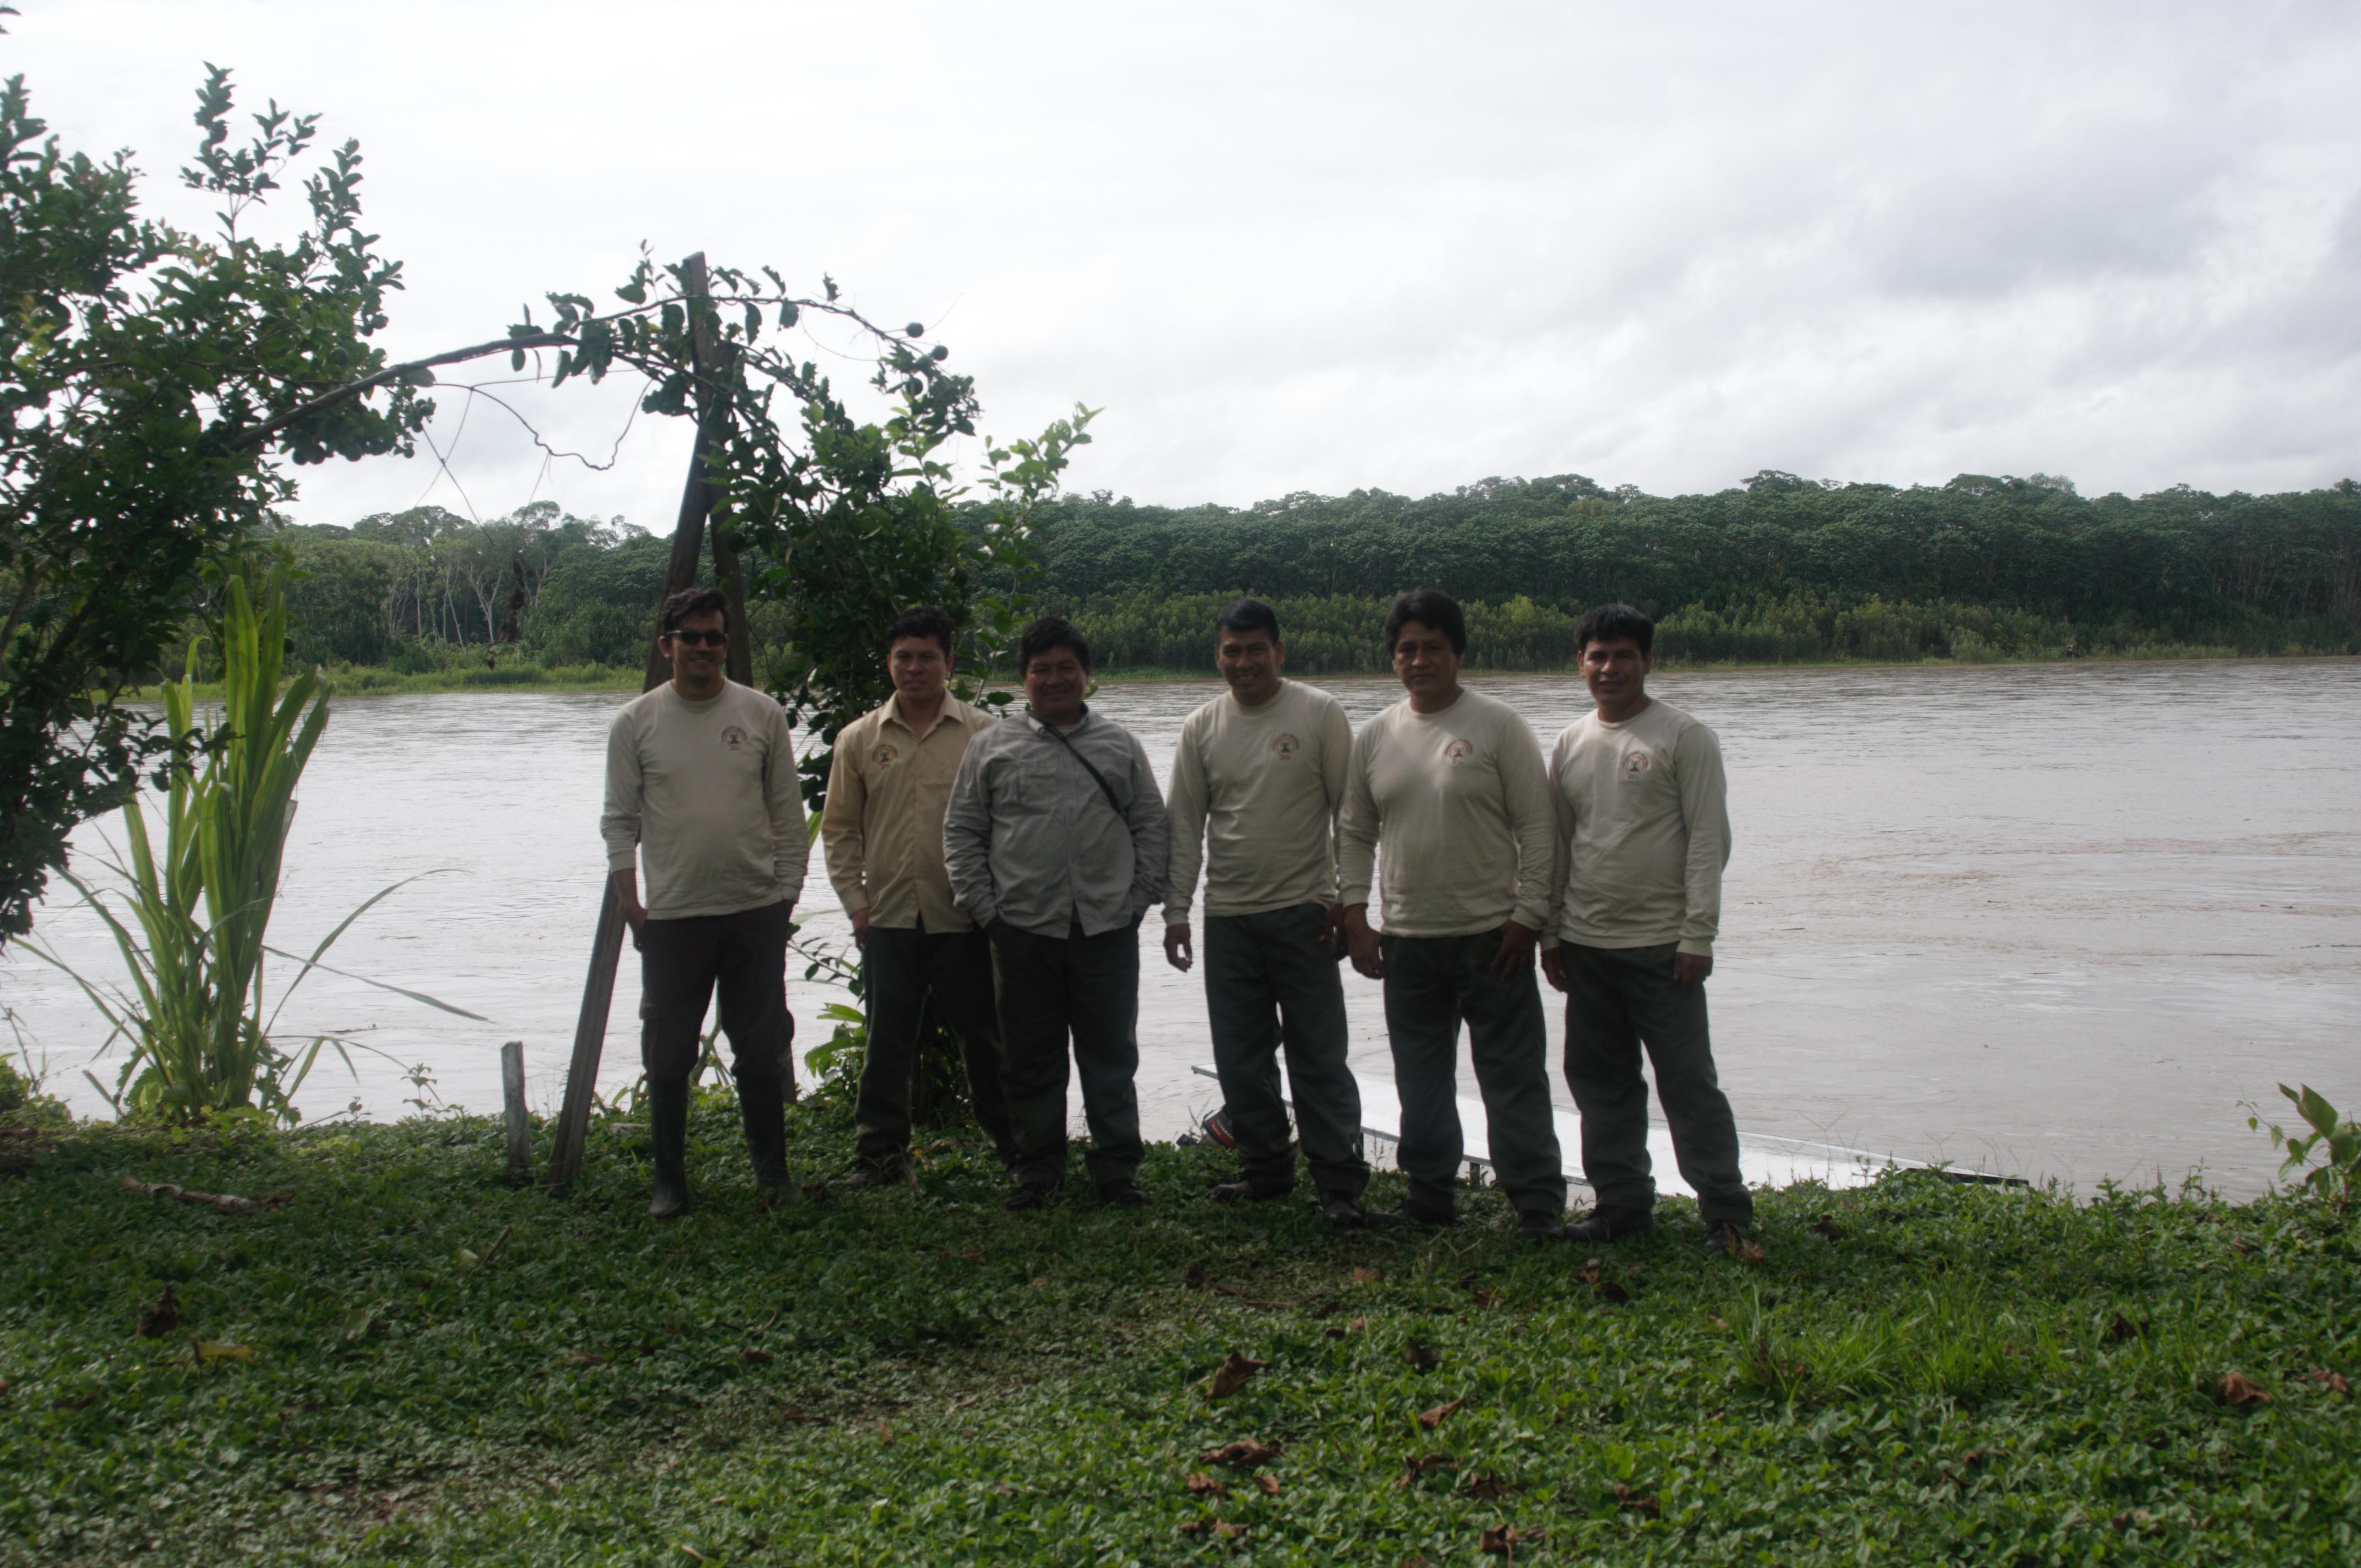 Promotores de Conservación (left to right): Helmut Rengifo; Janer Deyvis Vargas; Amancio Zumbeta; Jose Manuel Shuña; Hernán Collado; Juan Canayo (photo: Carlos R. Garcia)